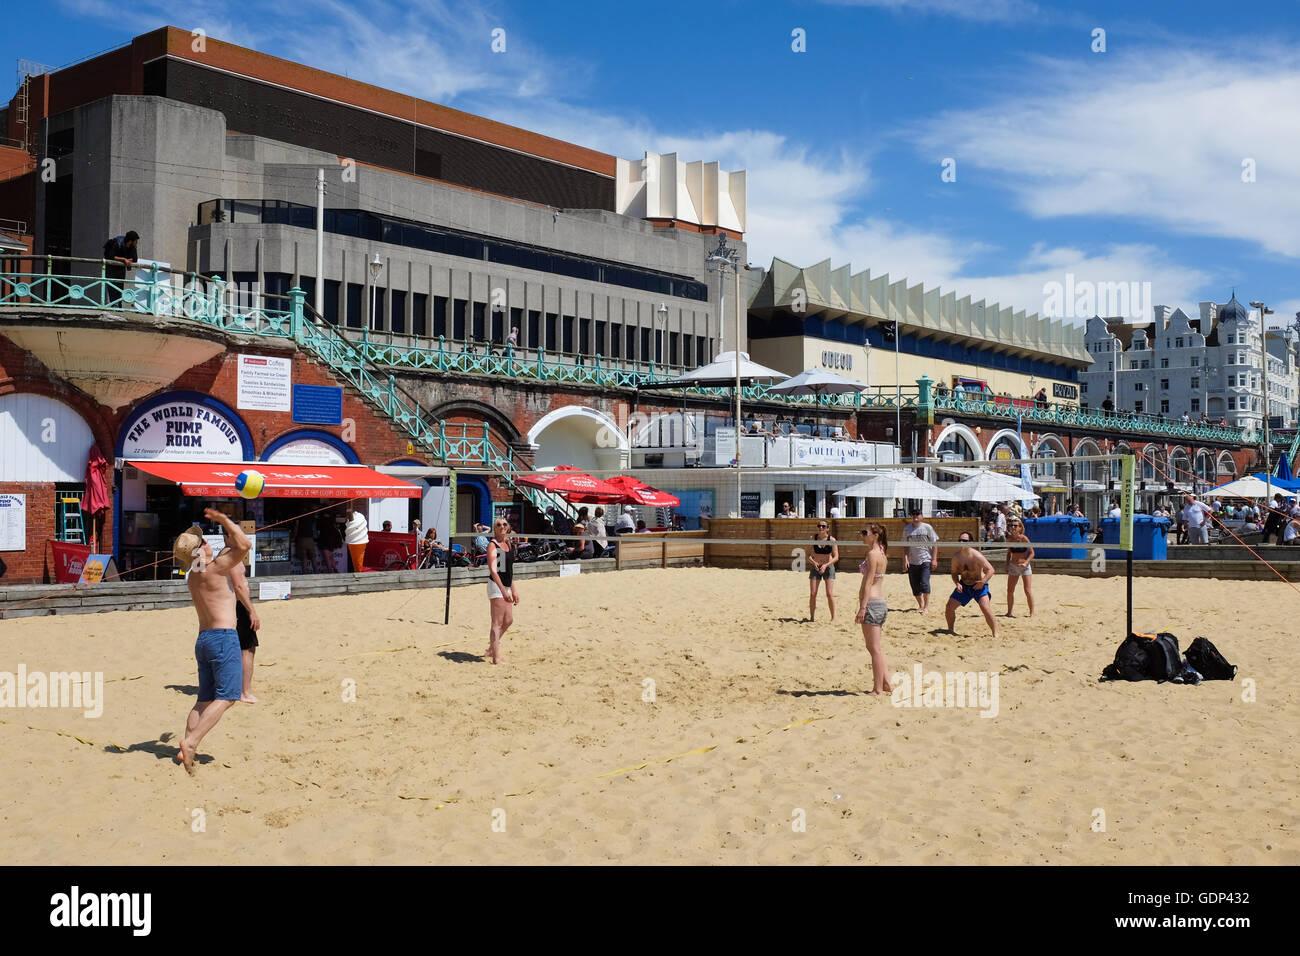 Personas jugando voleibol en la playa en Brighton, Inglaterra. Imagen De Stock